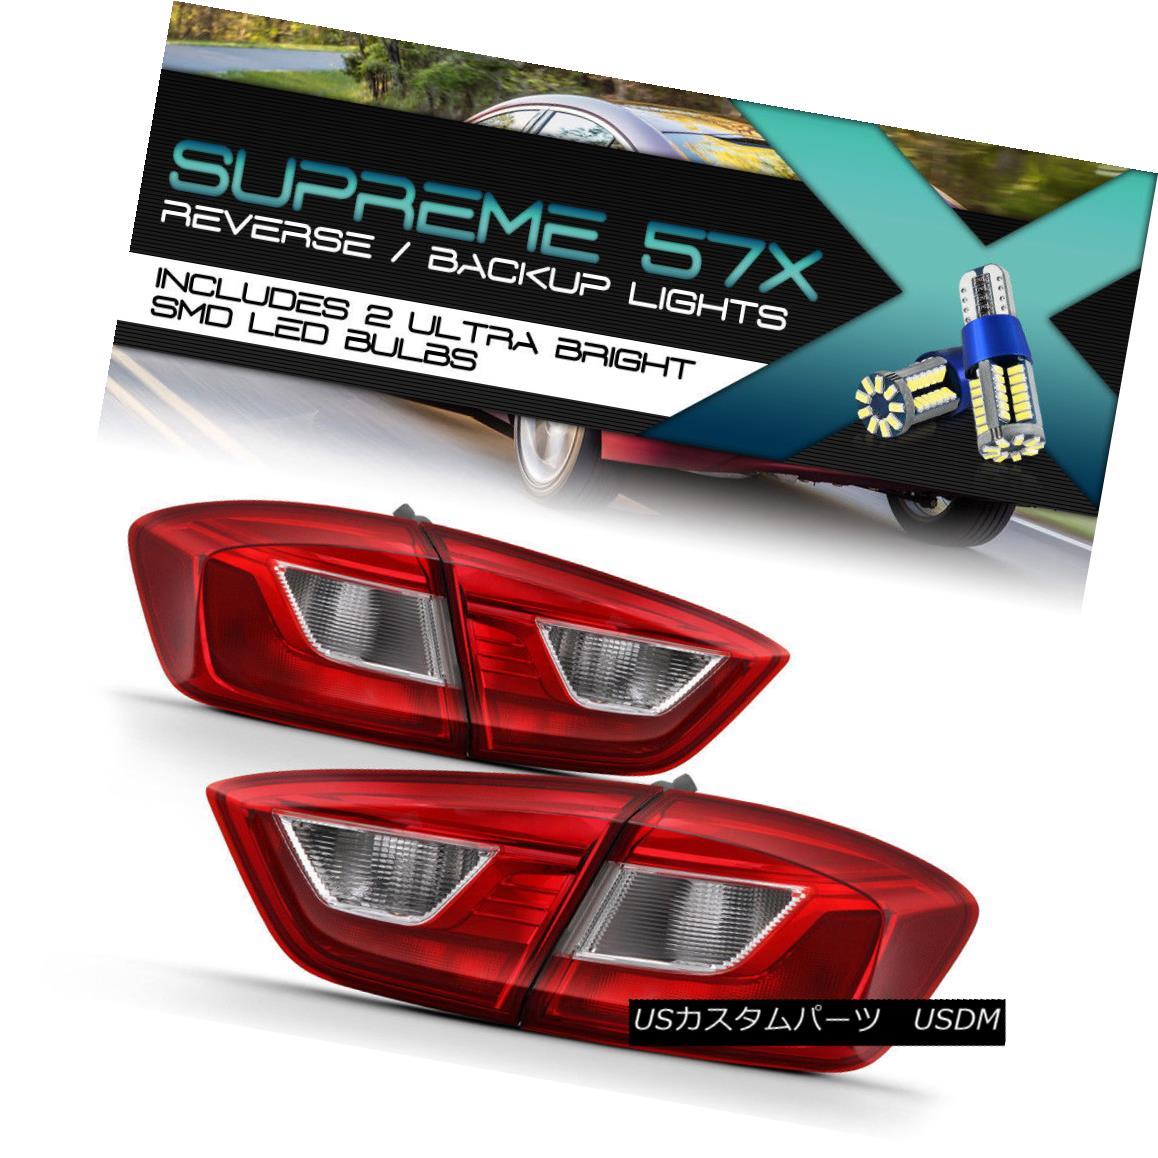 テールライト {SMD LED Reverse Bulb} 16-18 Chevy Cruze Sedan Replacement Tail Light Brake Lamp {SMD LED逆バルブ} 16-18シボレークルーズセダン交換テールライトブレーキランプ